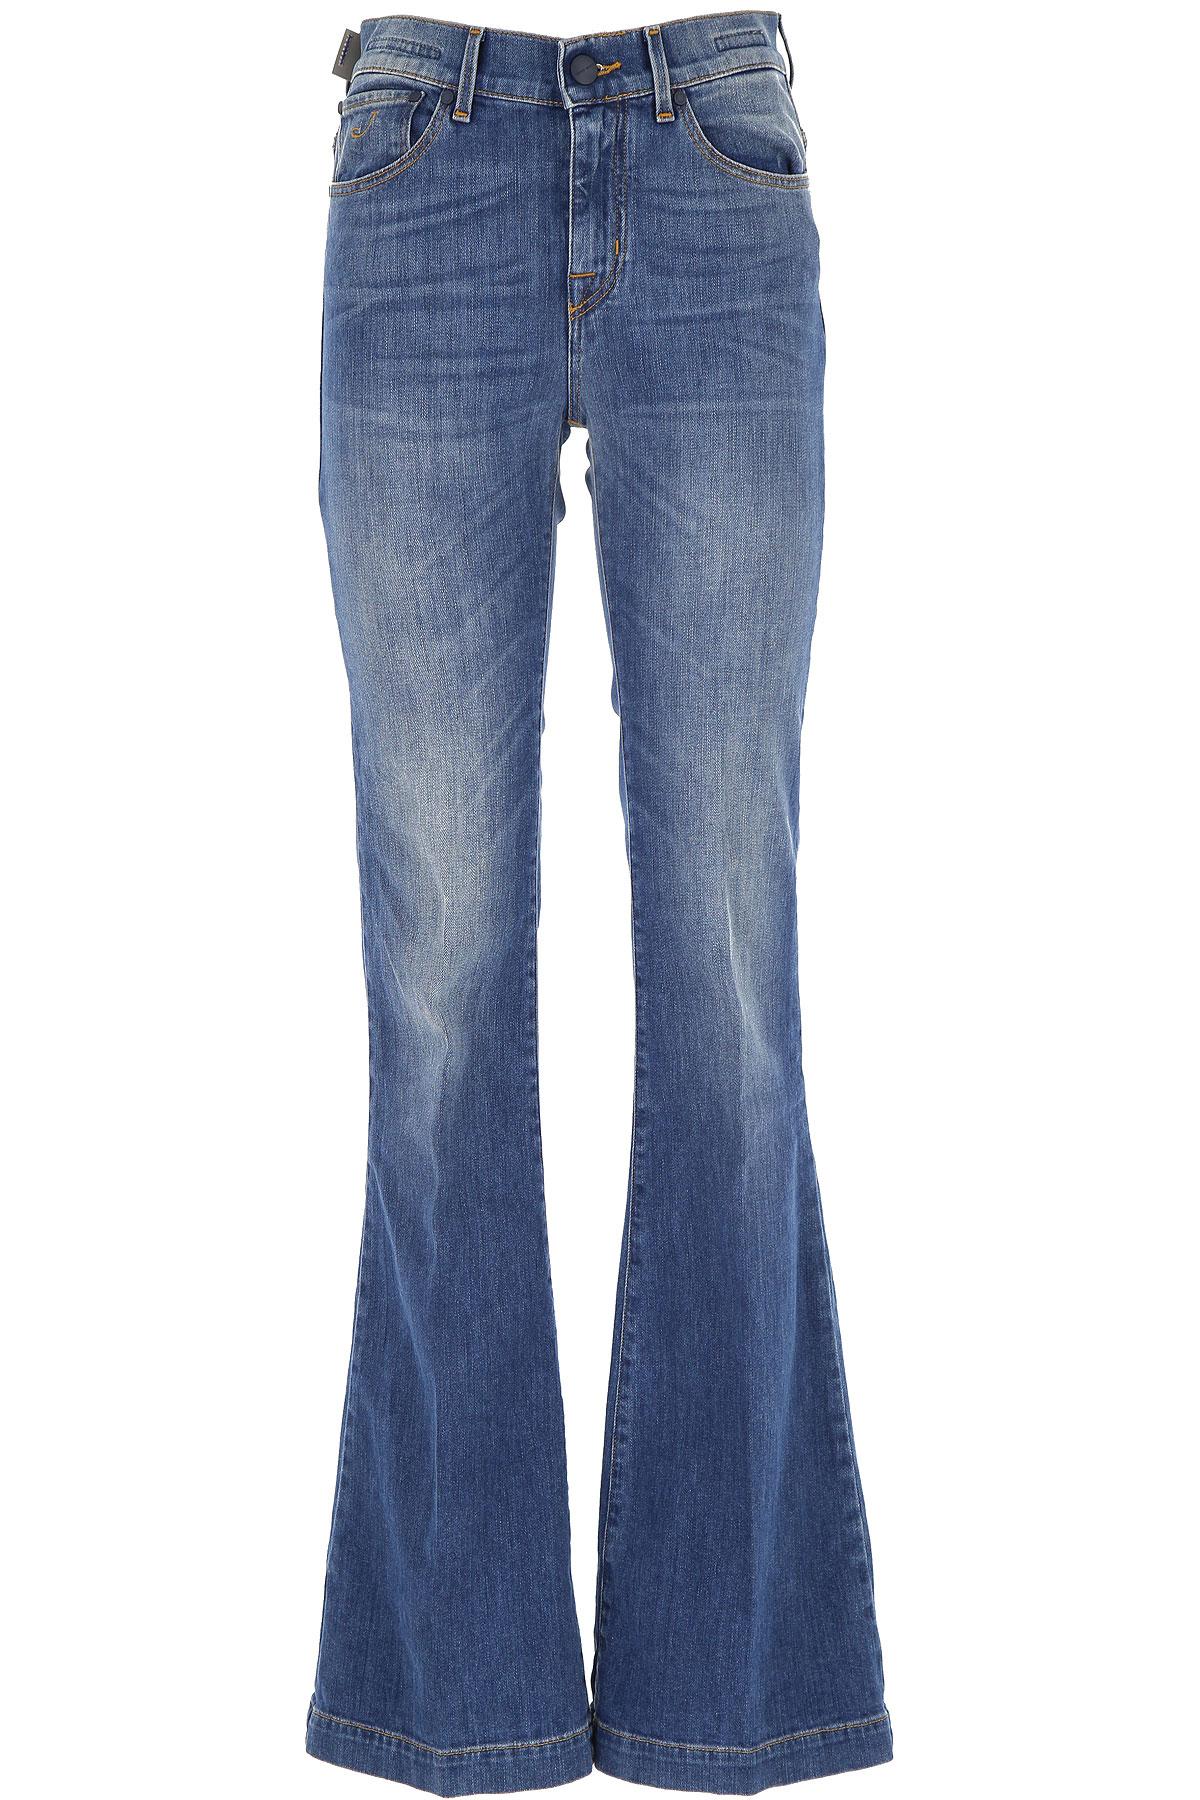 Jacob Cohen Jeans On Sale, Blue, Cotton, 2019, 26 27 28 29 30 31 32